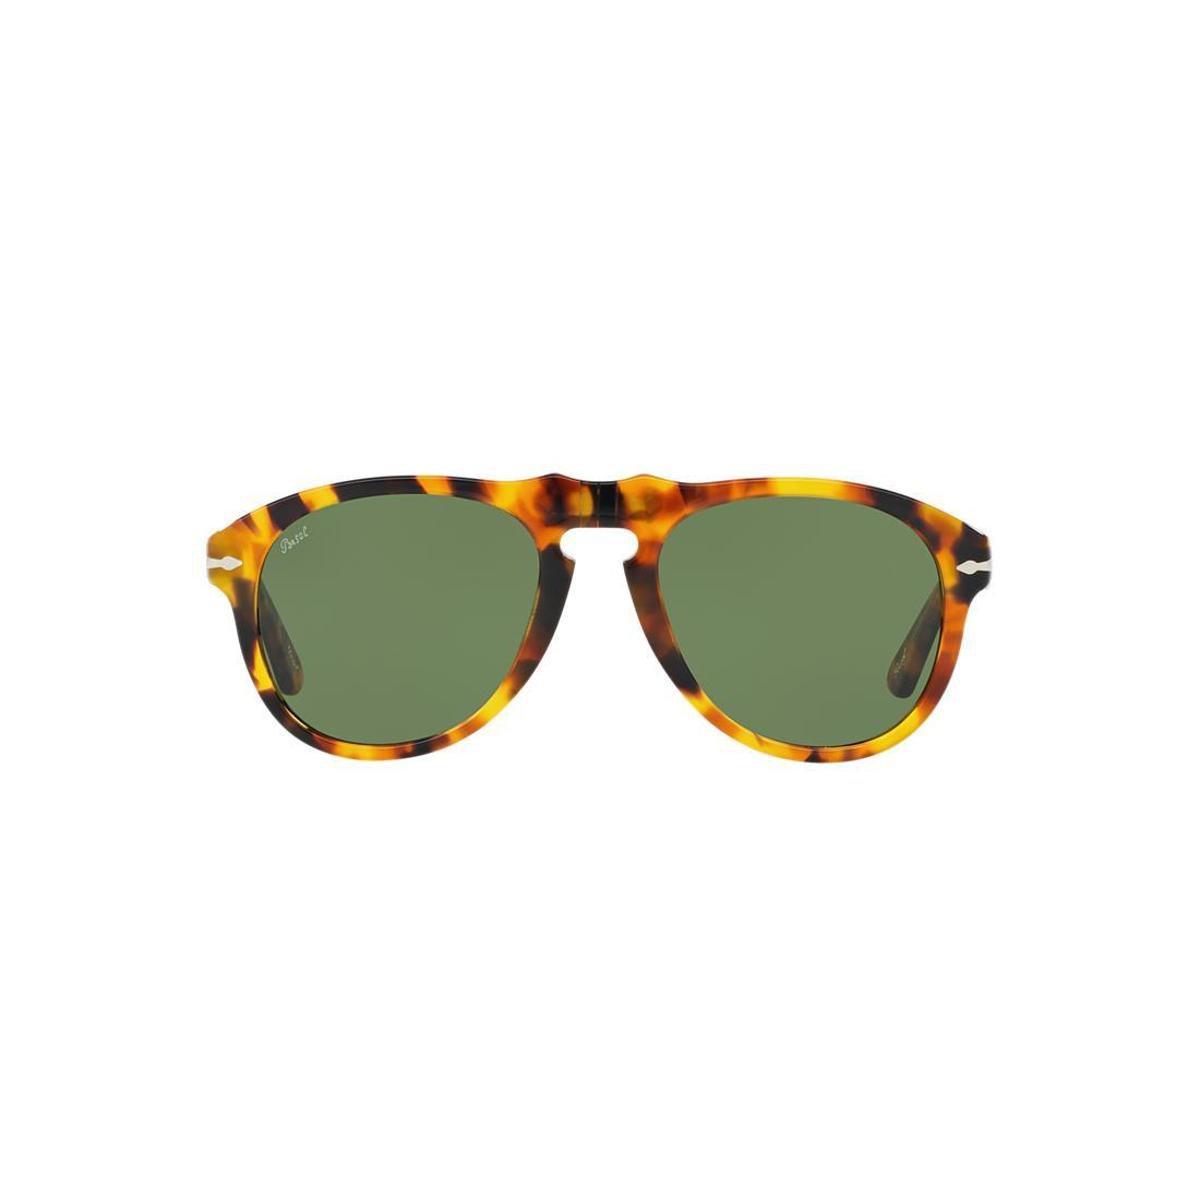 Óculos de Sol Persol Piloto PO0649 Masculino - Compre Agora   Zattini c591da2394